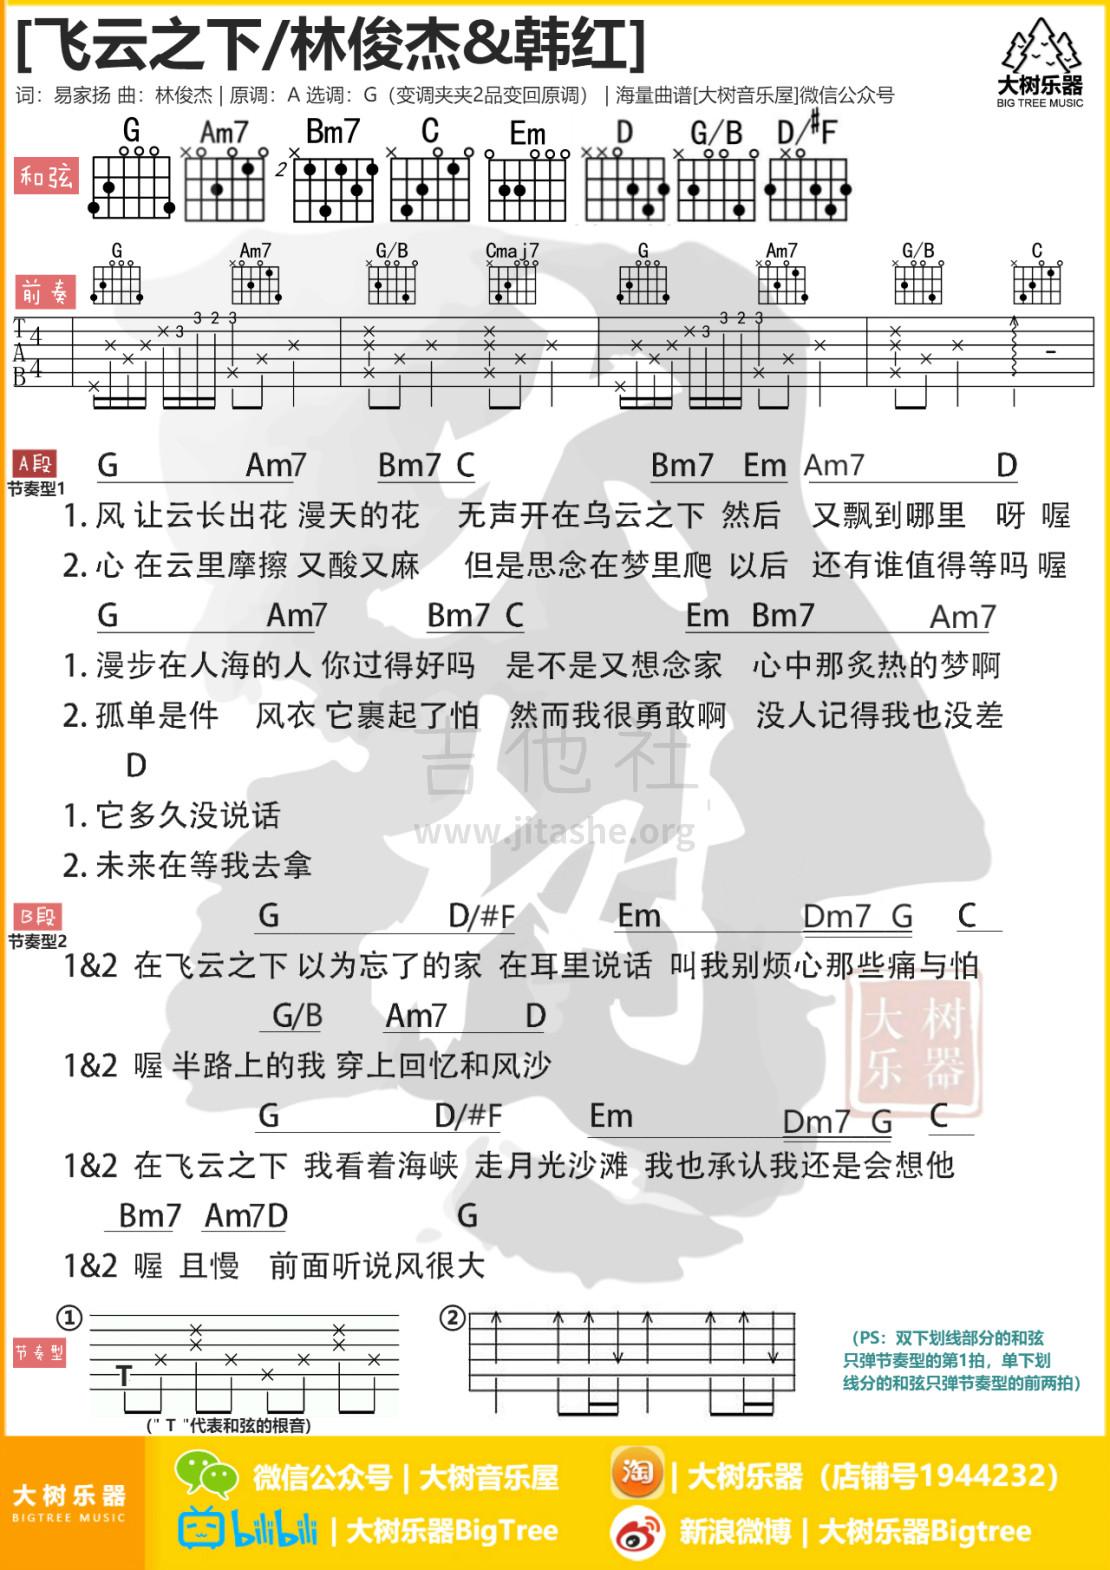 飞云之下(林俊杰/韩红)吉他谱(图片谱,弹唱,大树乐器,大树音乐)_林俊杰(JJ)_模板_meitu_3_meitu_2_meitu_2.jpg